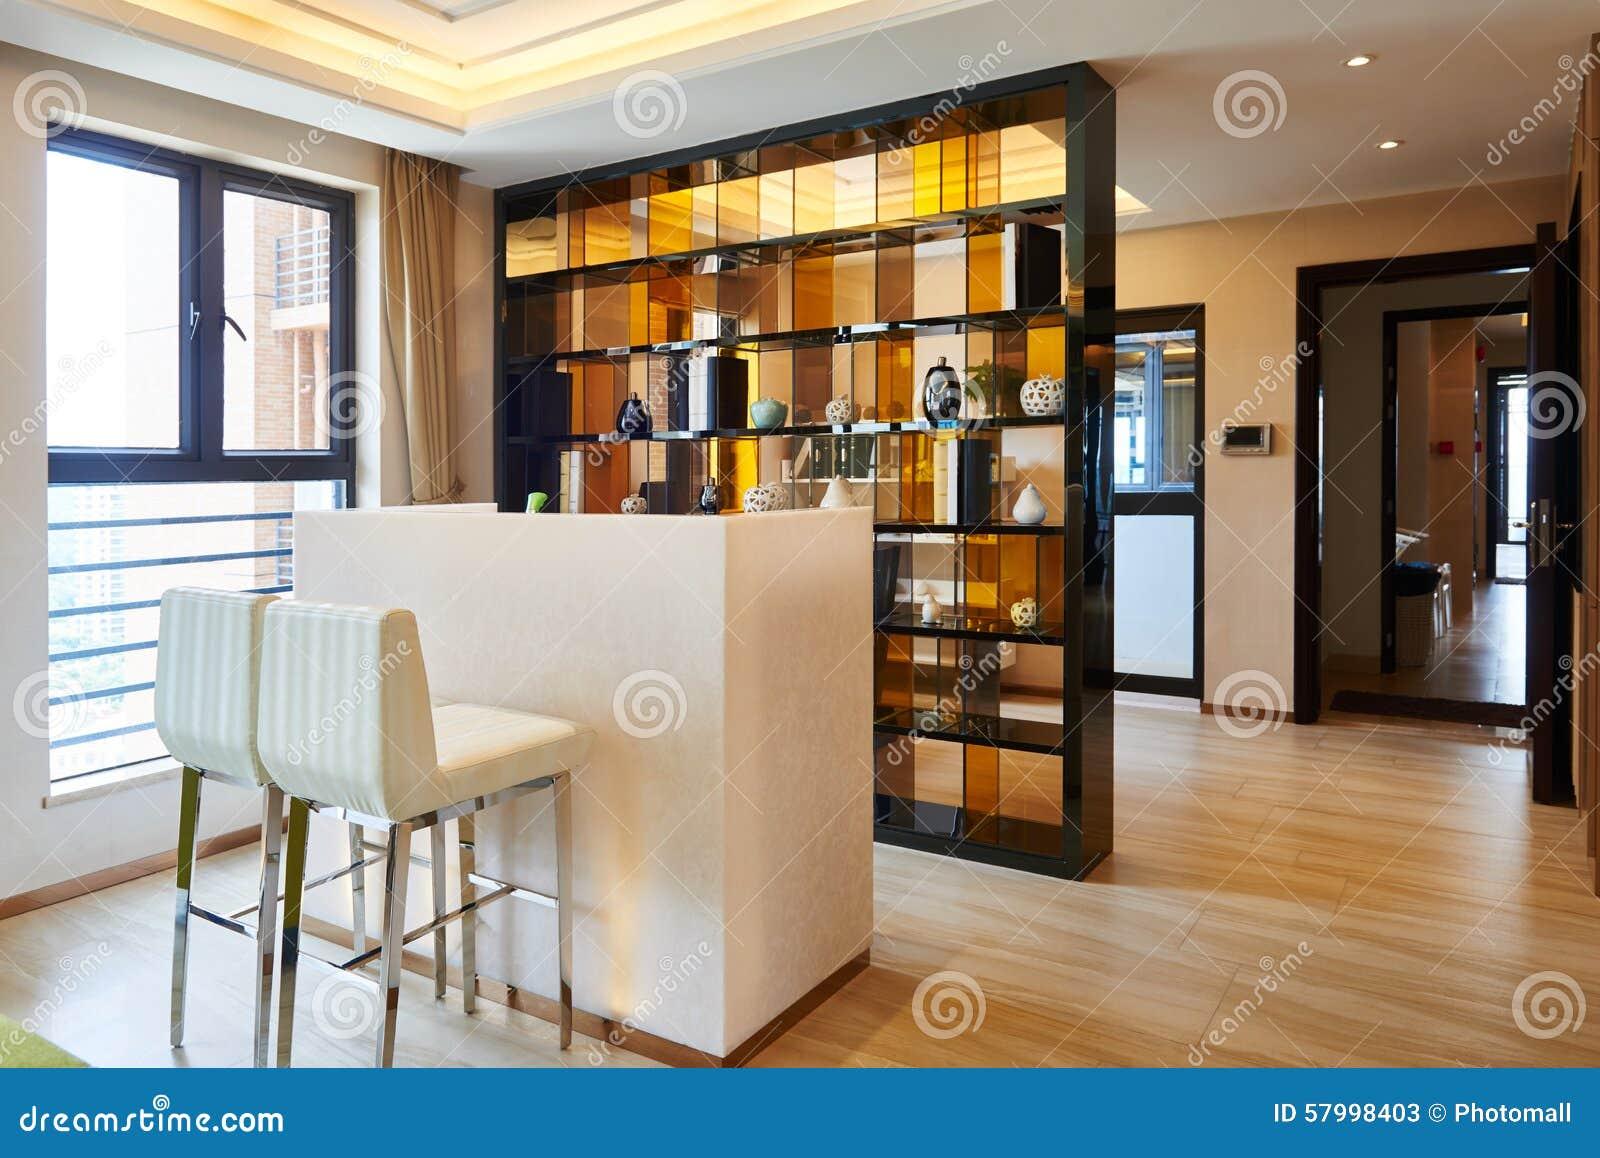 Hem  matsal och vardagsrum arkivfoto   bild: 57998403